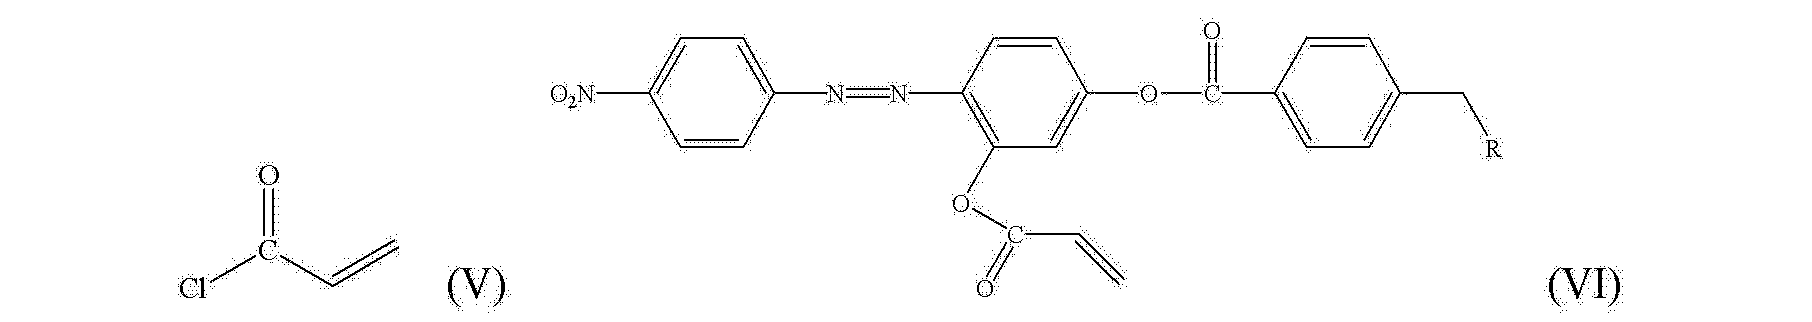 Figure CN103013532AC00023